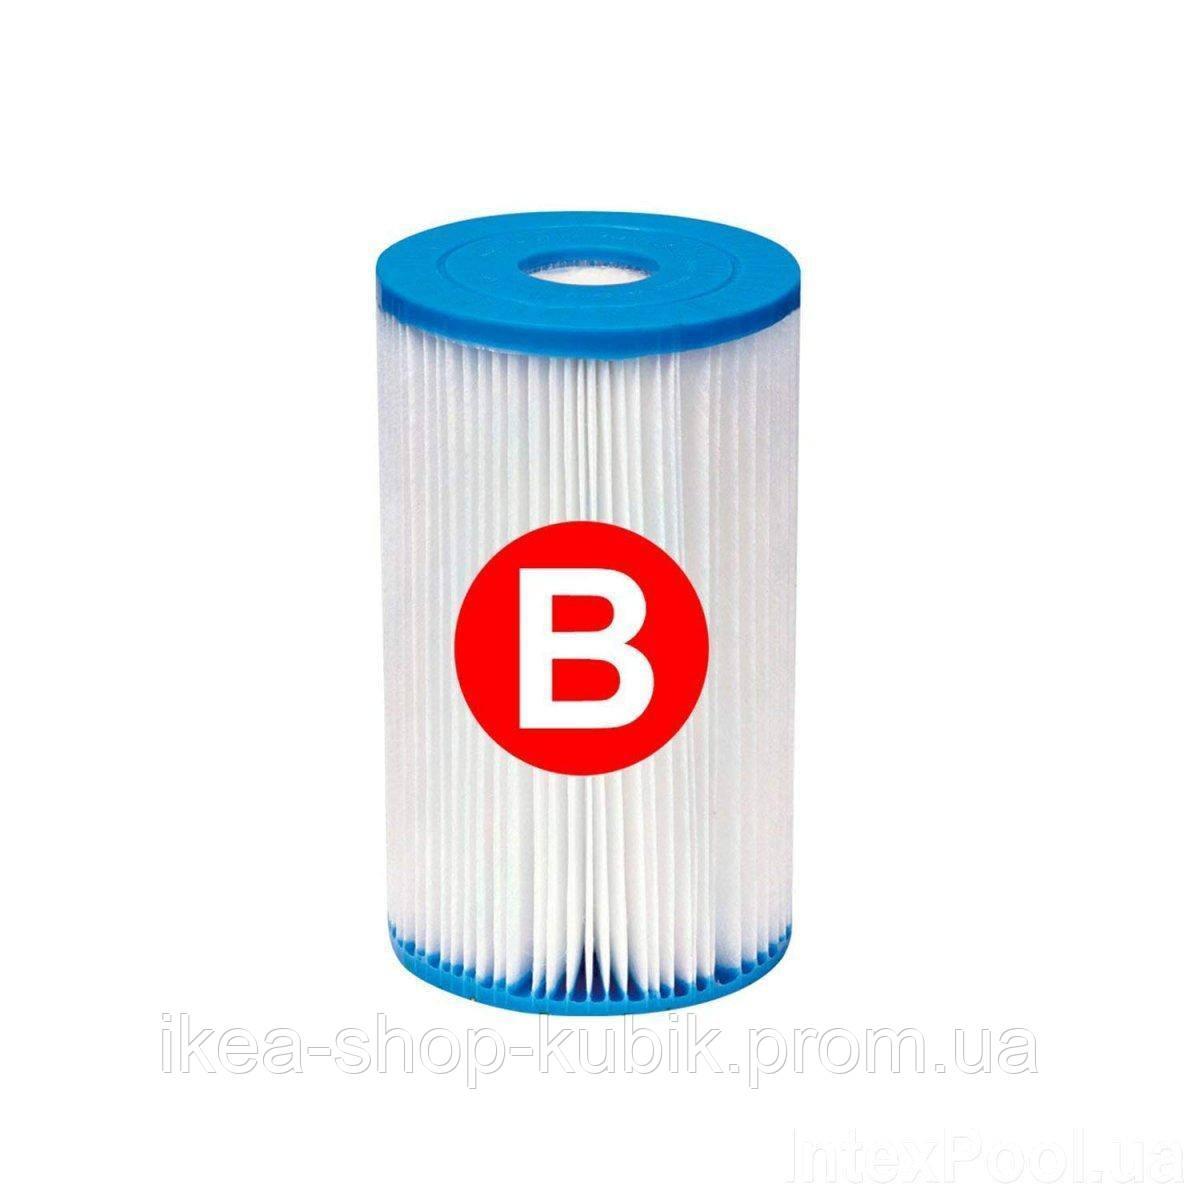 Картриджный фильтр насос Intex 28634, 9 463 л/ч, тип B 3